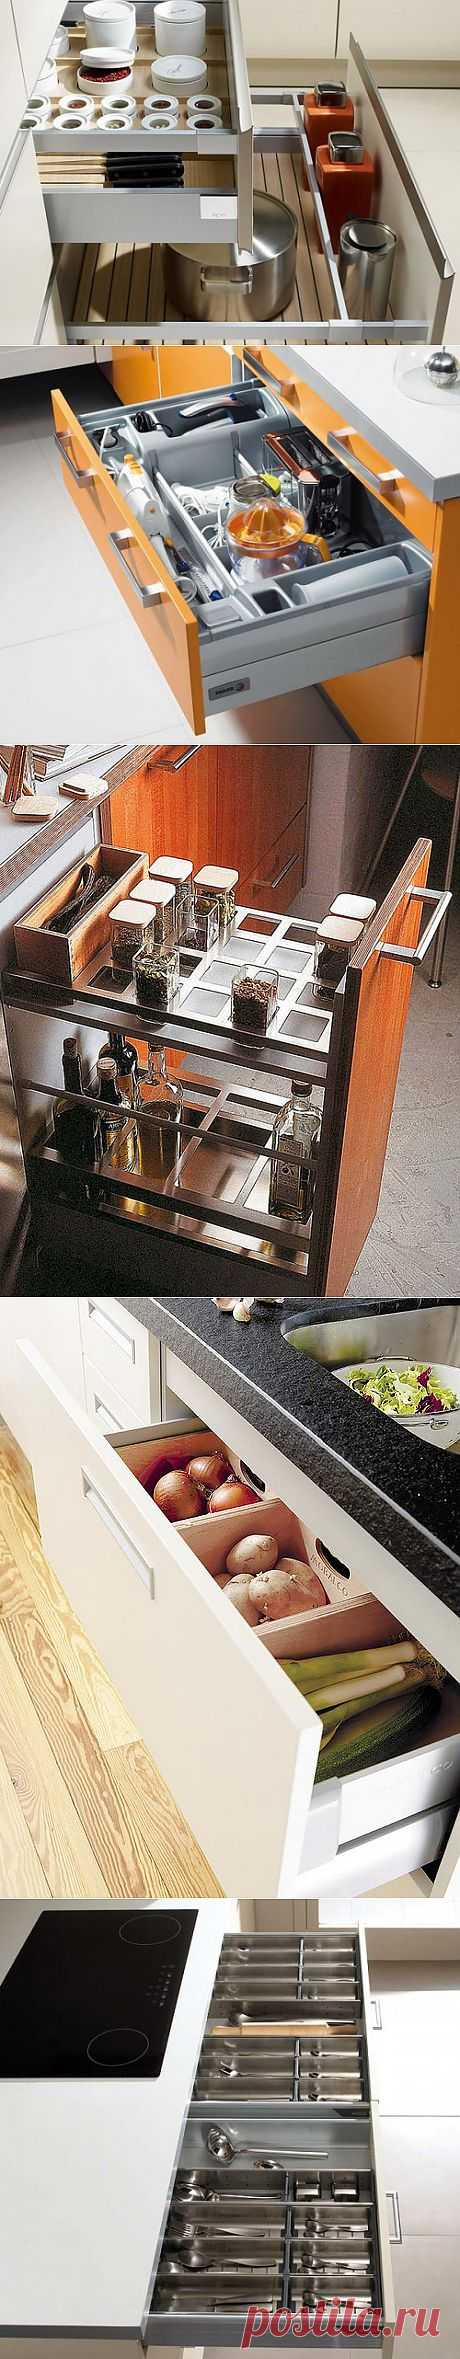 Приспособления для кухни. 58 практических идей..